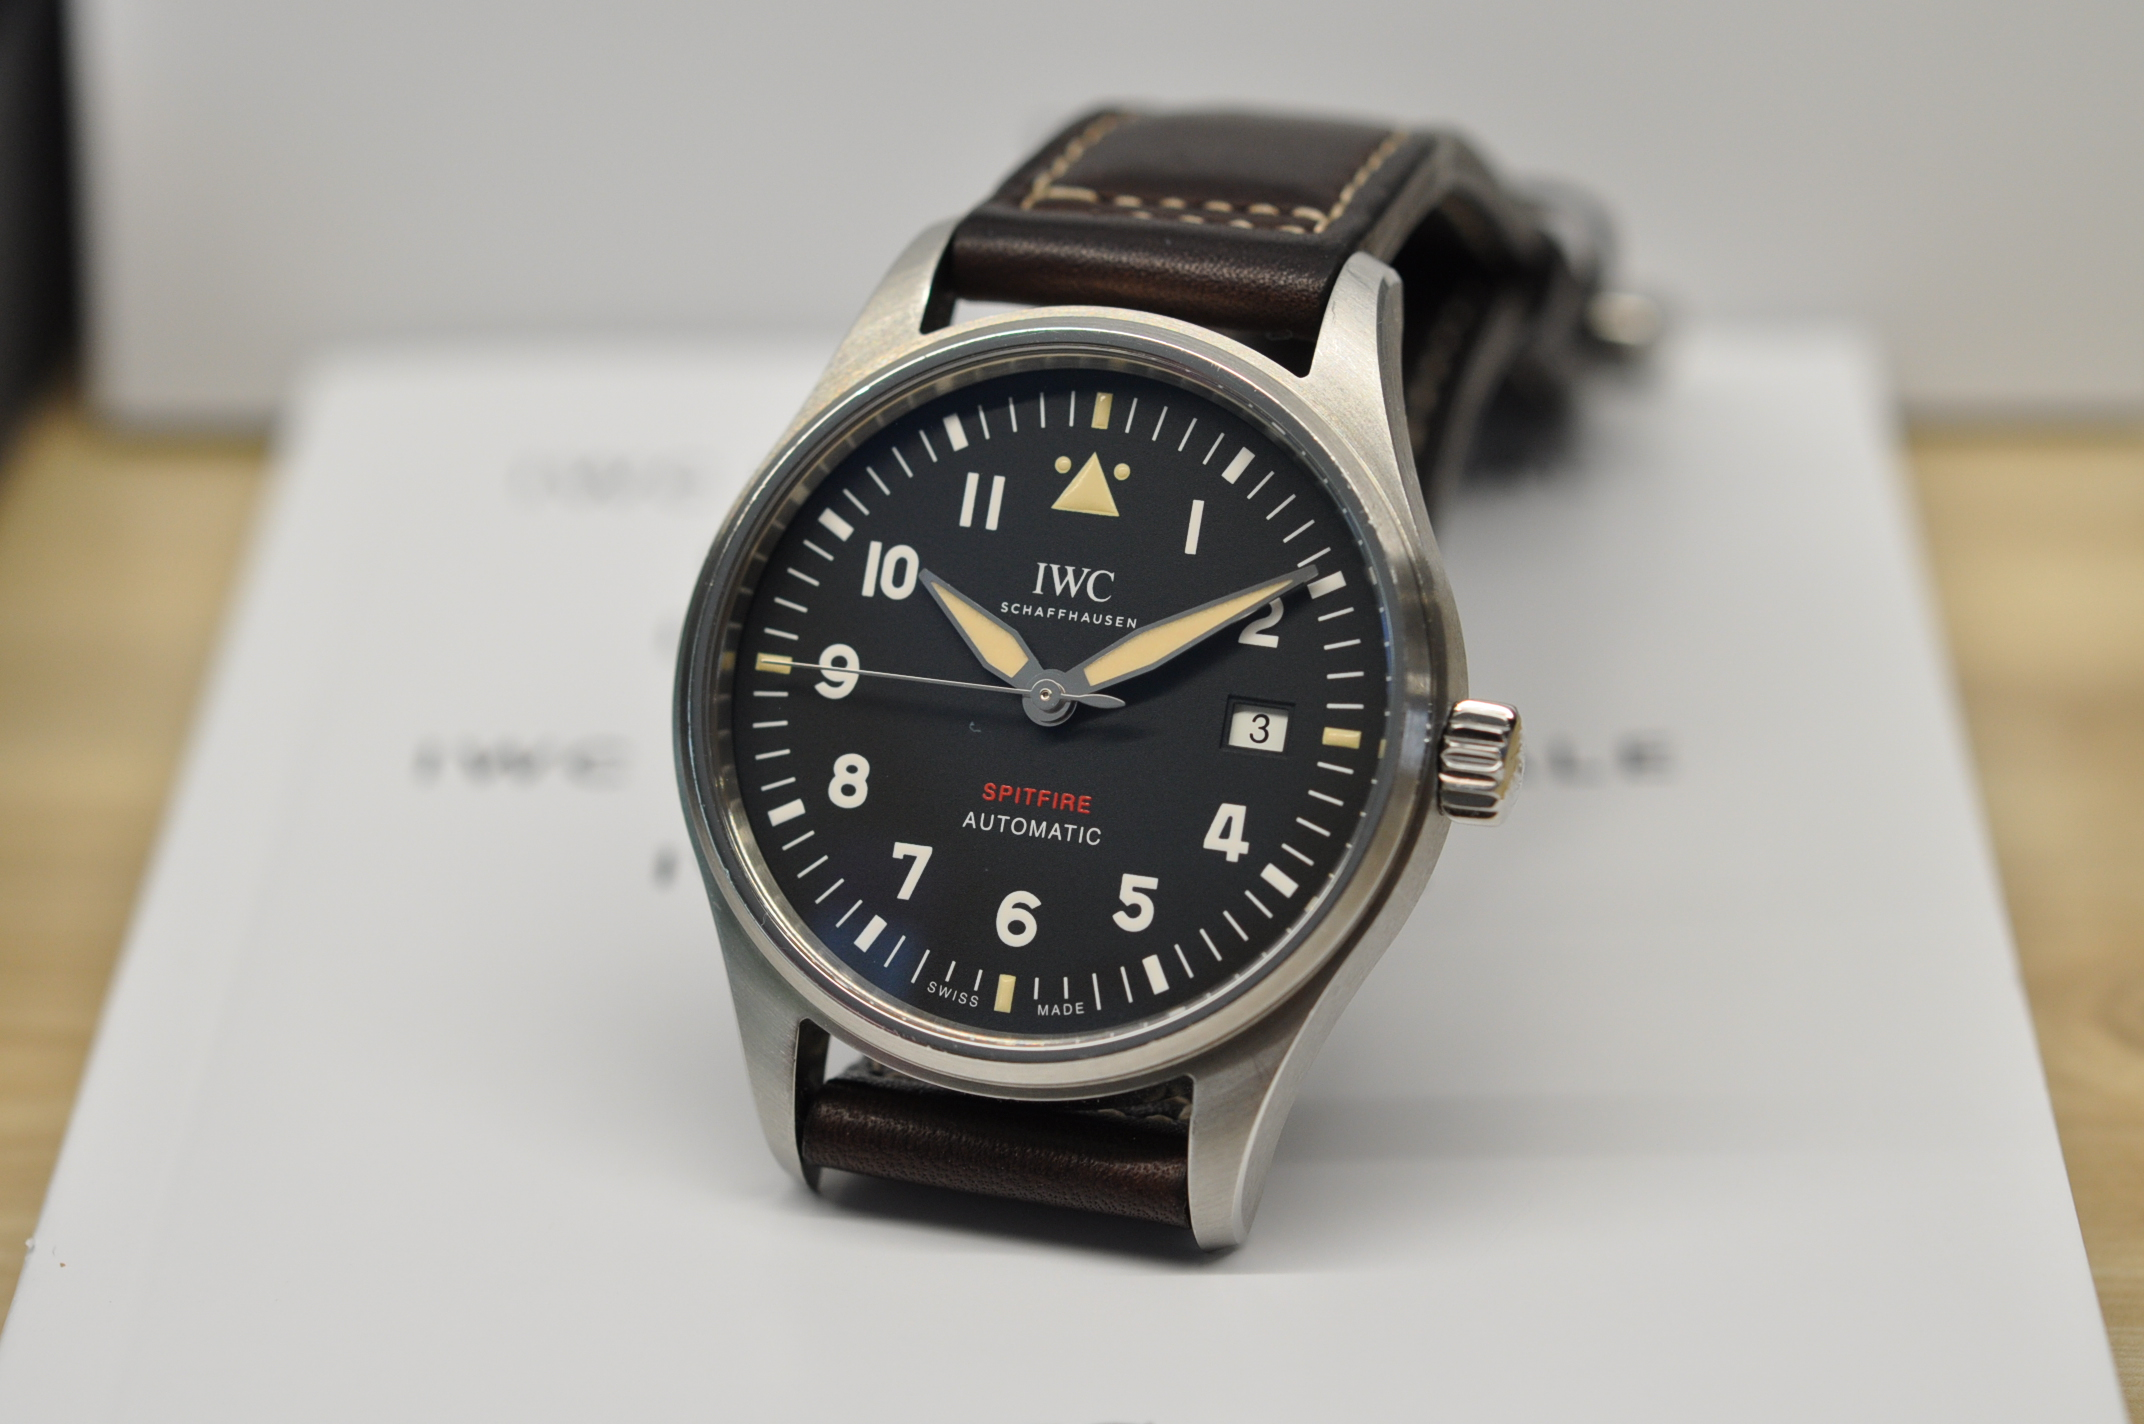 2019 Pilot's Watch Spitfire